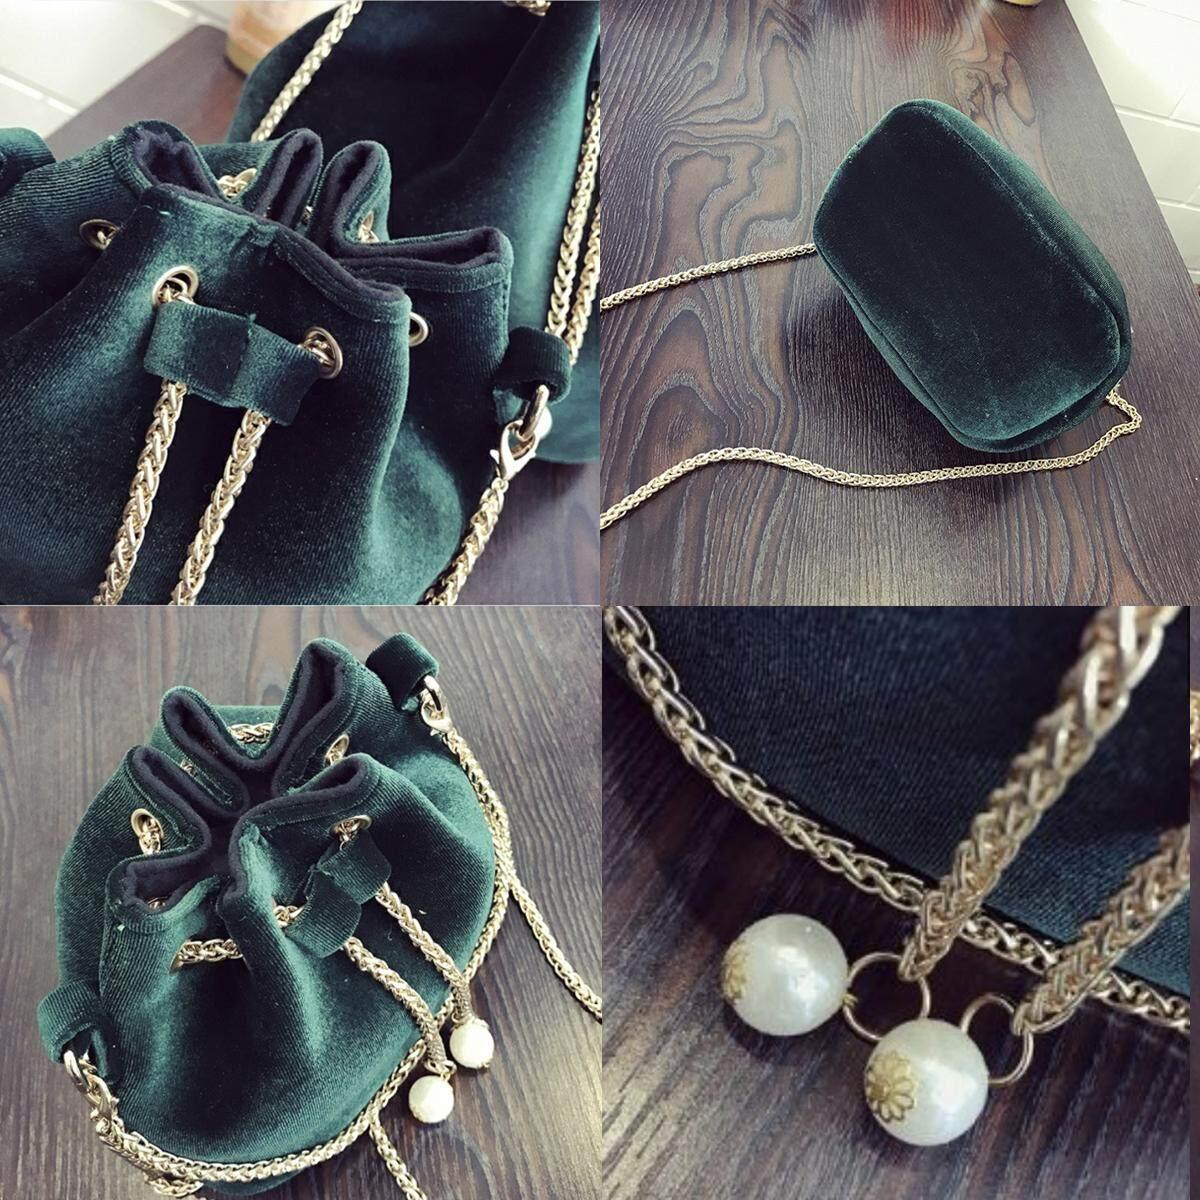 OOTD28 Velvet Bucket CNY Fortune Chain Elegant Korean Sling Bag, Black